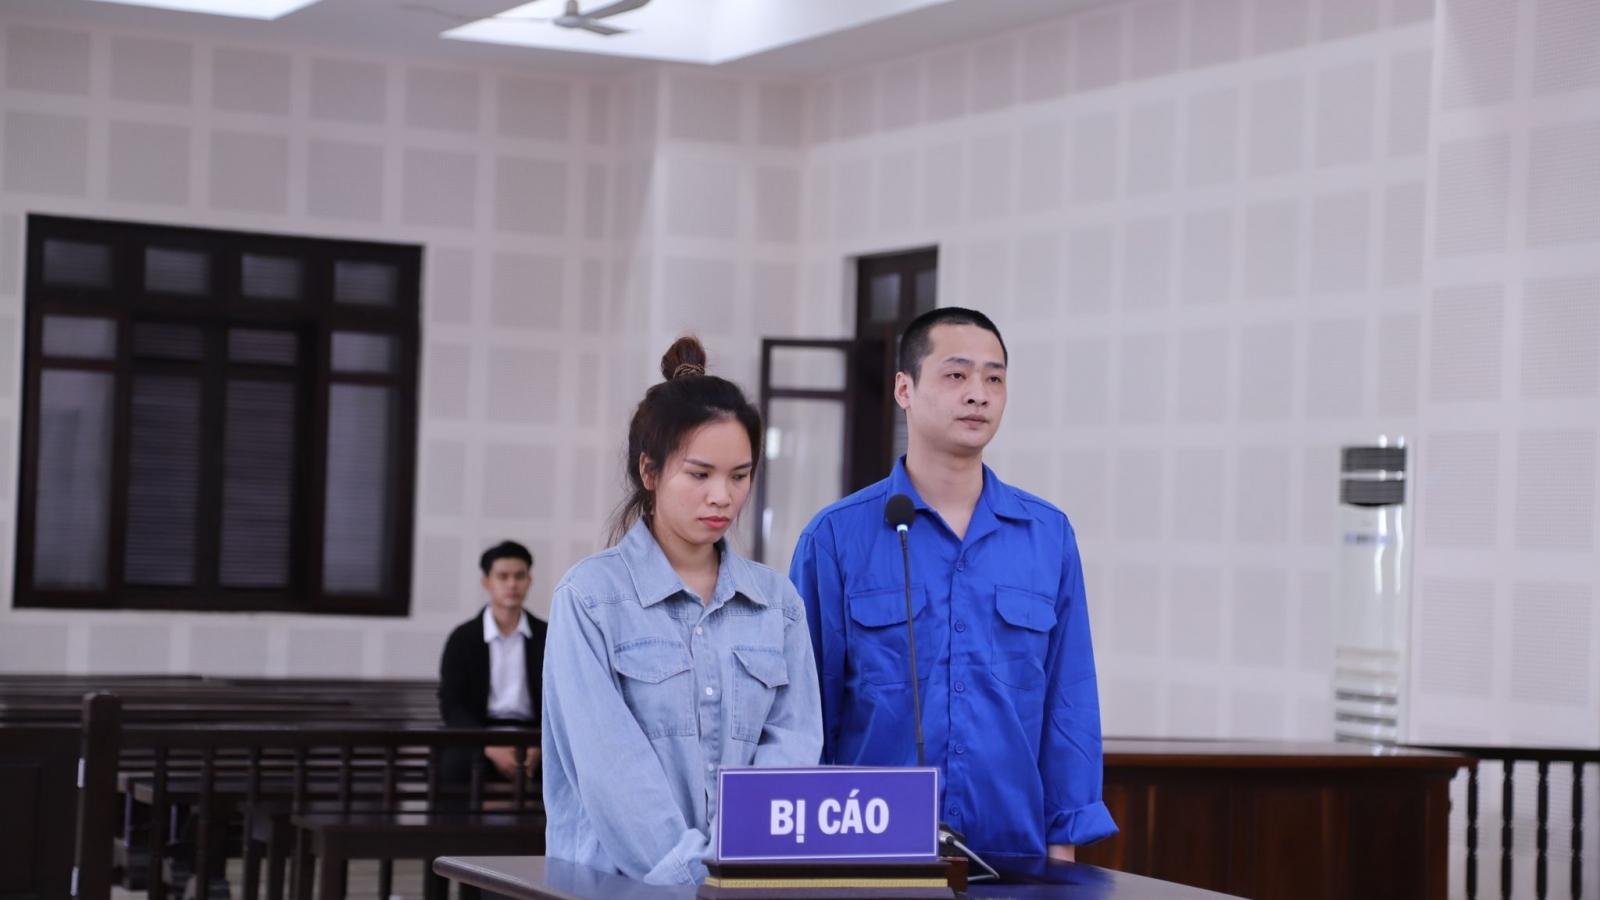 Cấu kết tổ chức cho 27 người Trung Quốc nhập cảnh trái phép ở 'chui' trong khách sạn